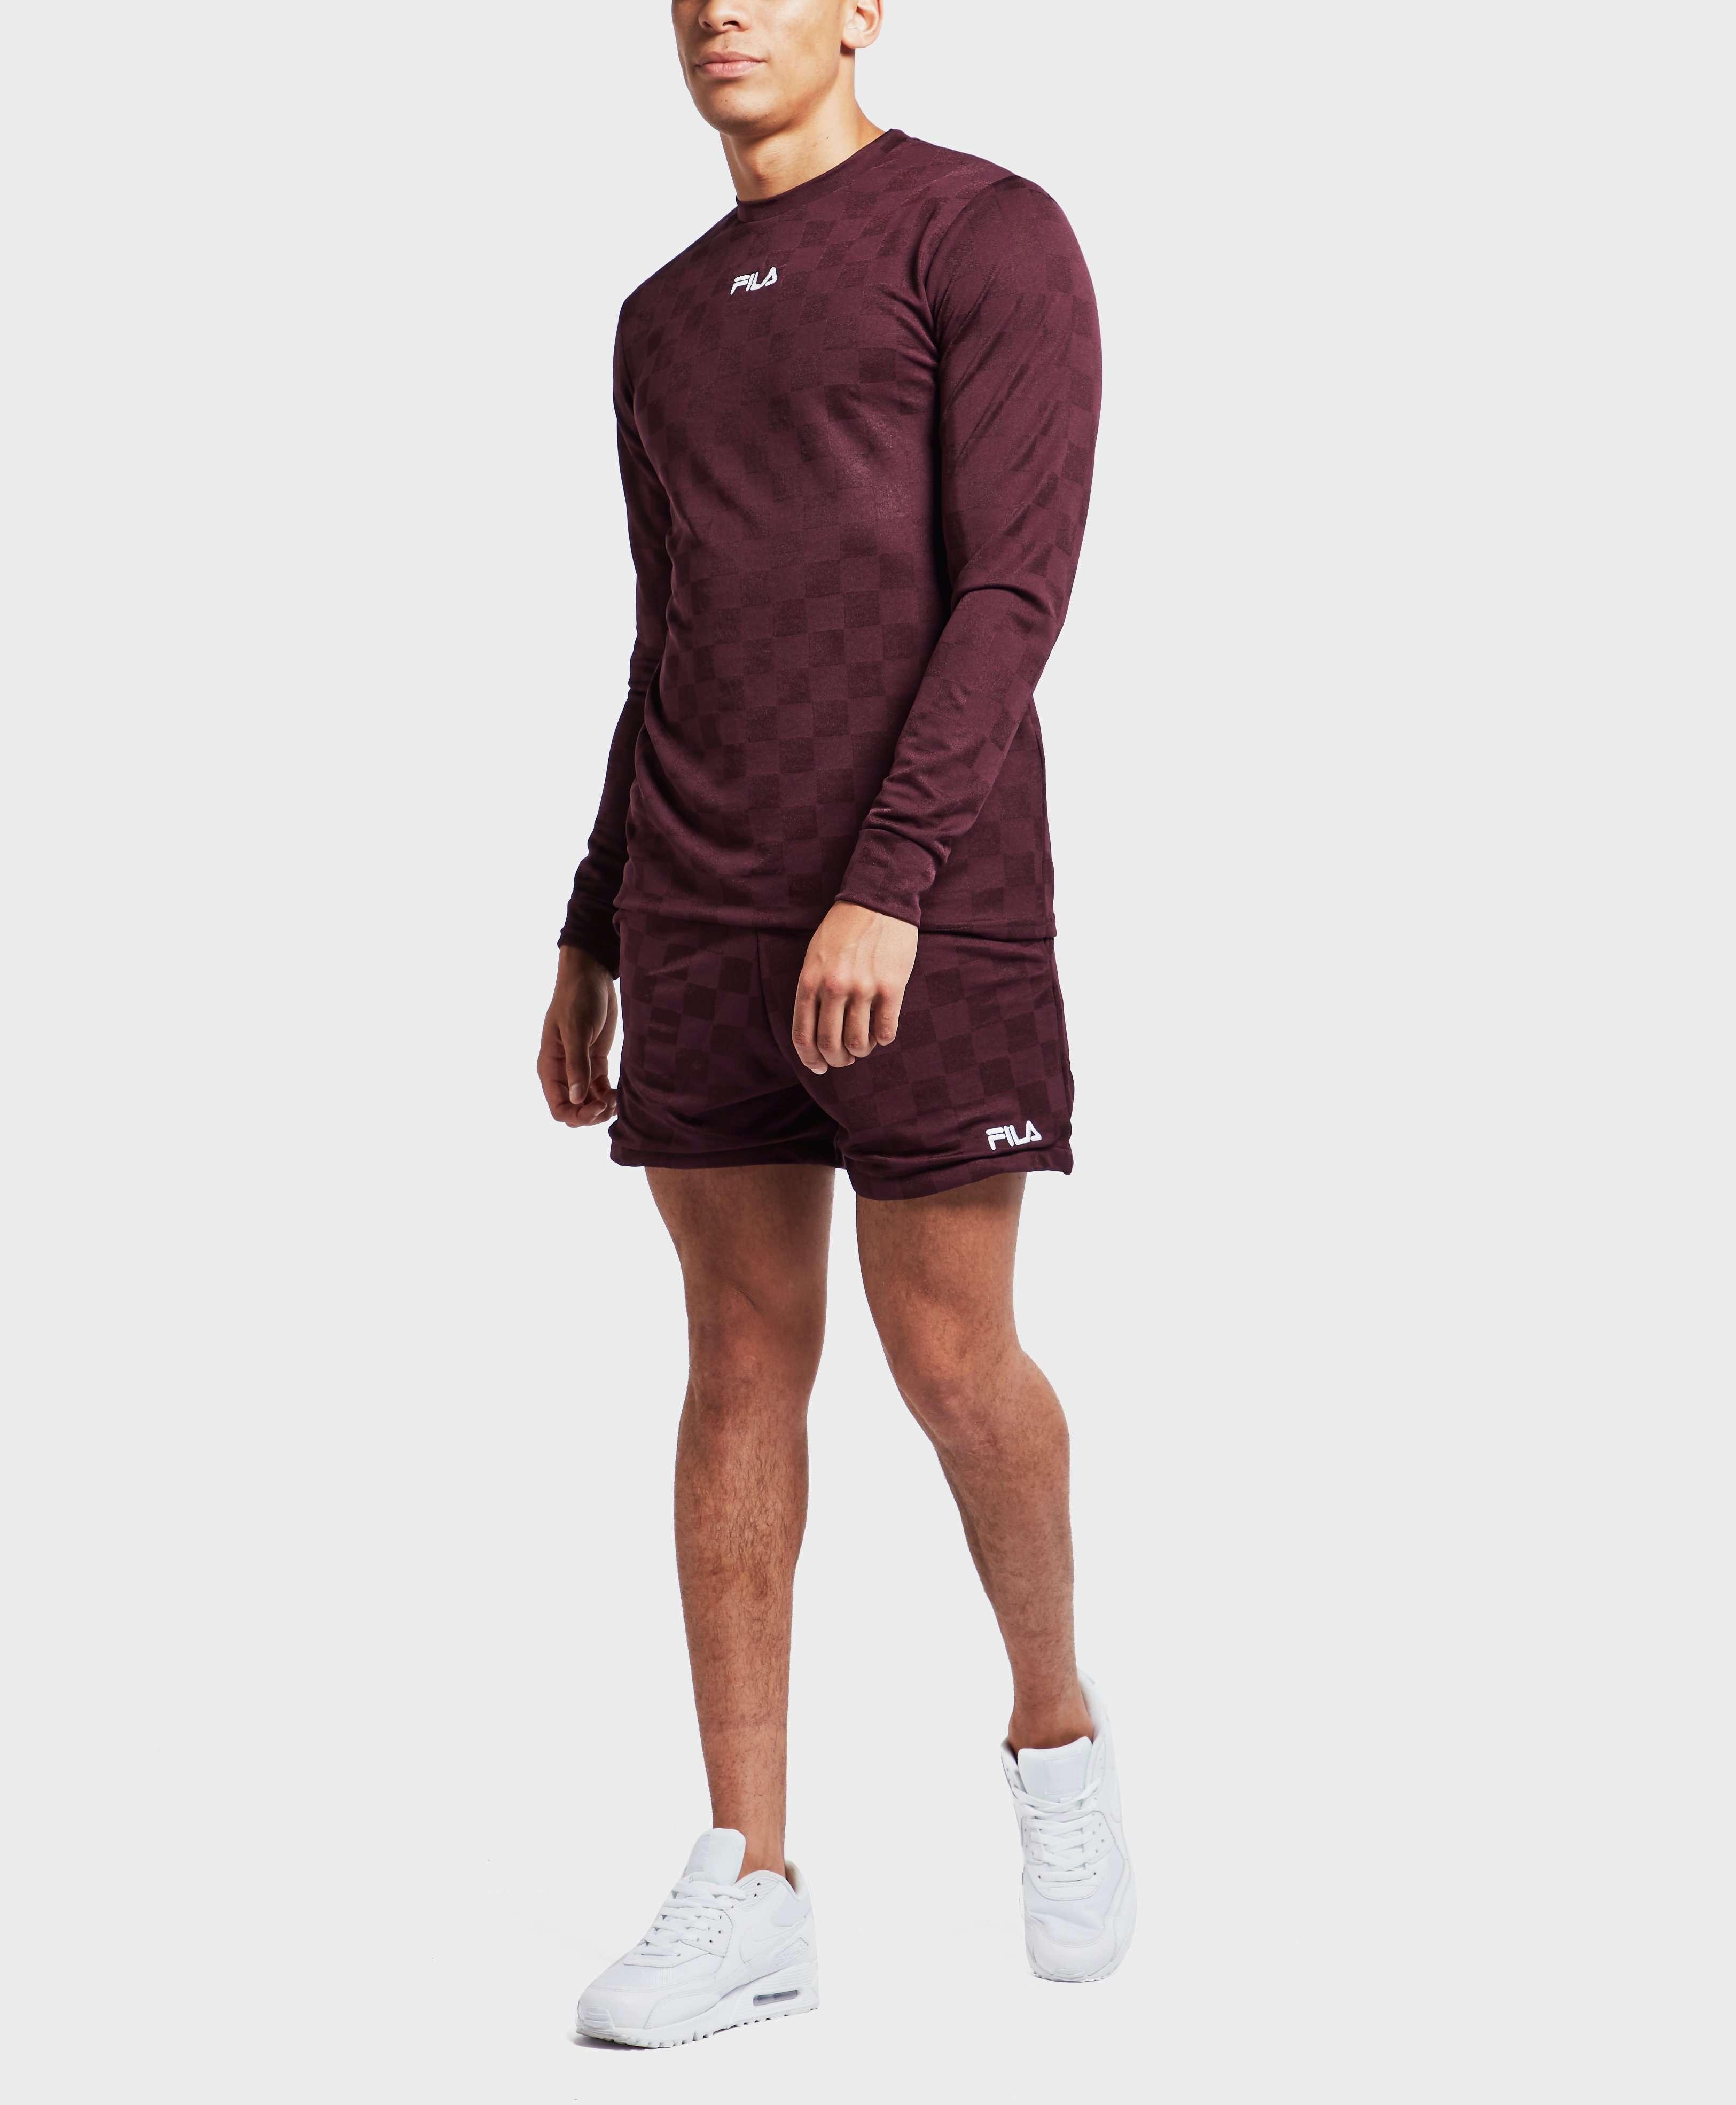 Fila Wakiki Shorts - Exclusive